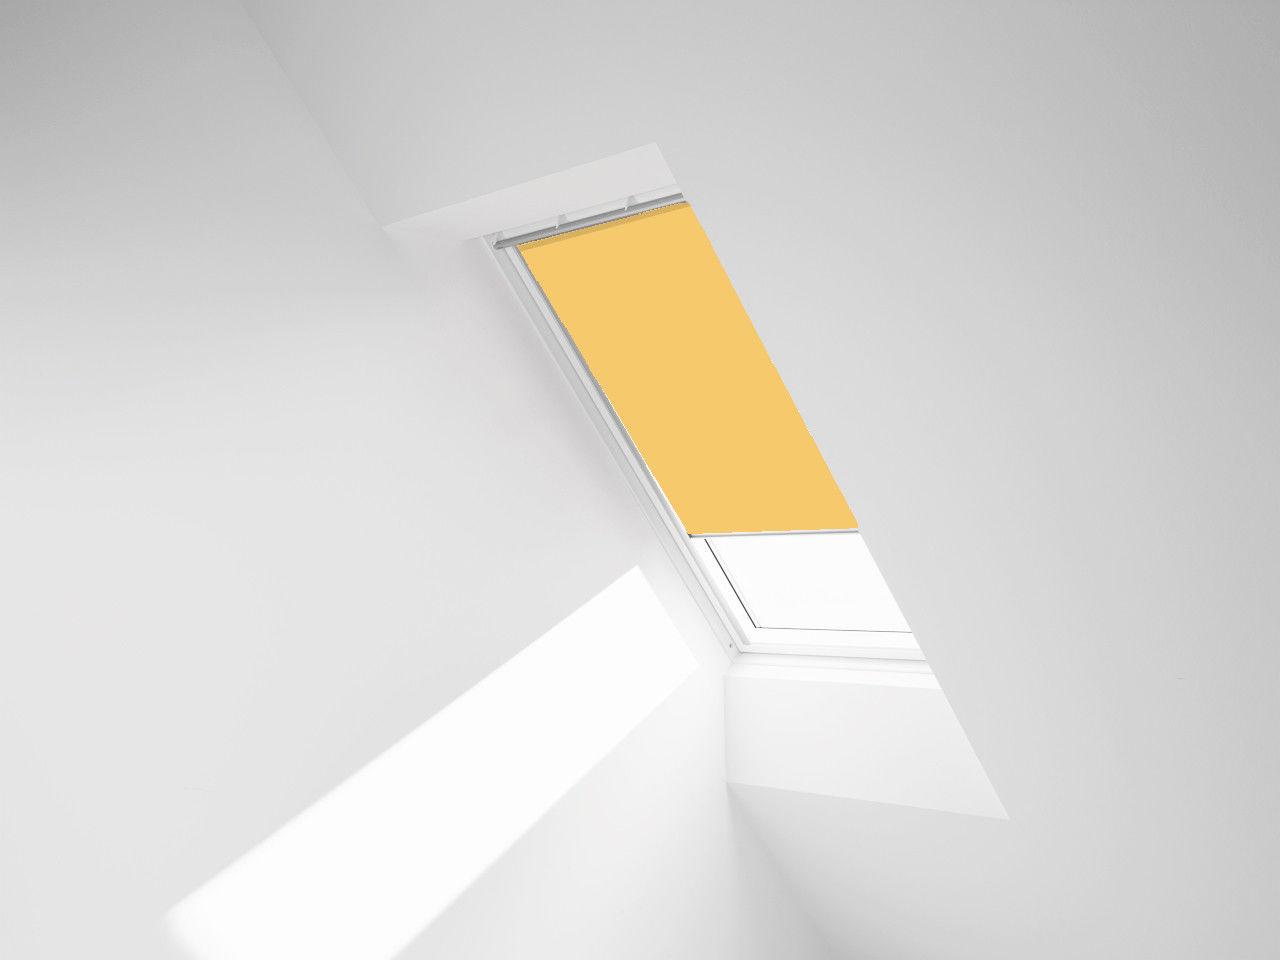 ROLETA ZACIEMNIAJĄCA ROOFART DUR - kolor 4233 (żółty) - 55x78 C2A